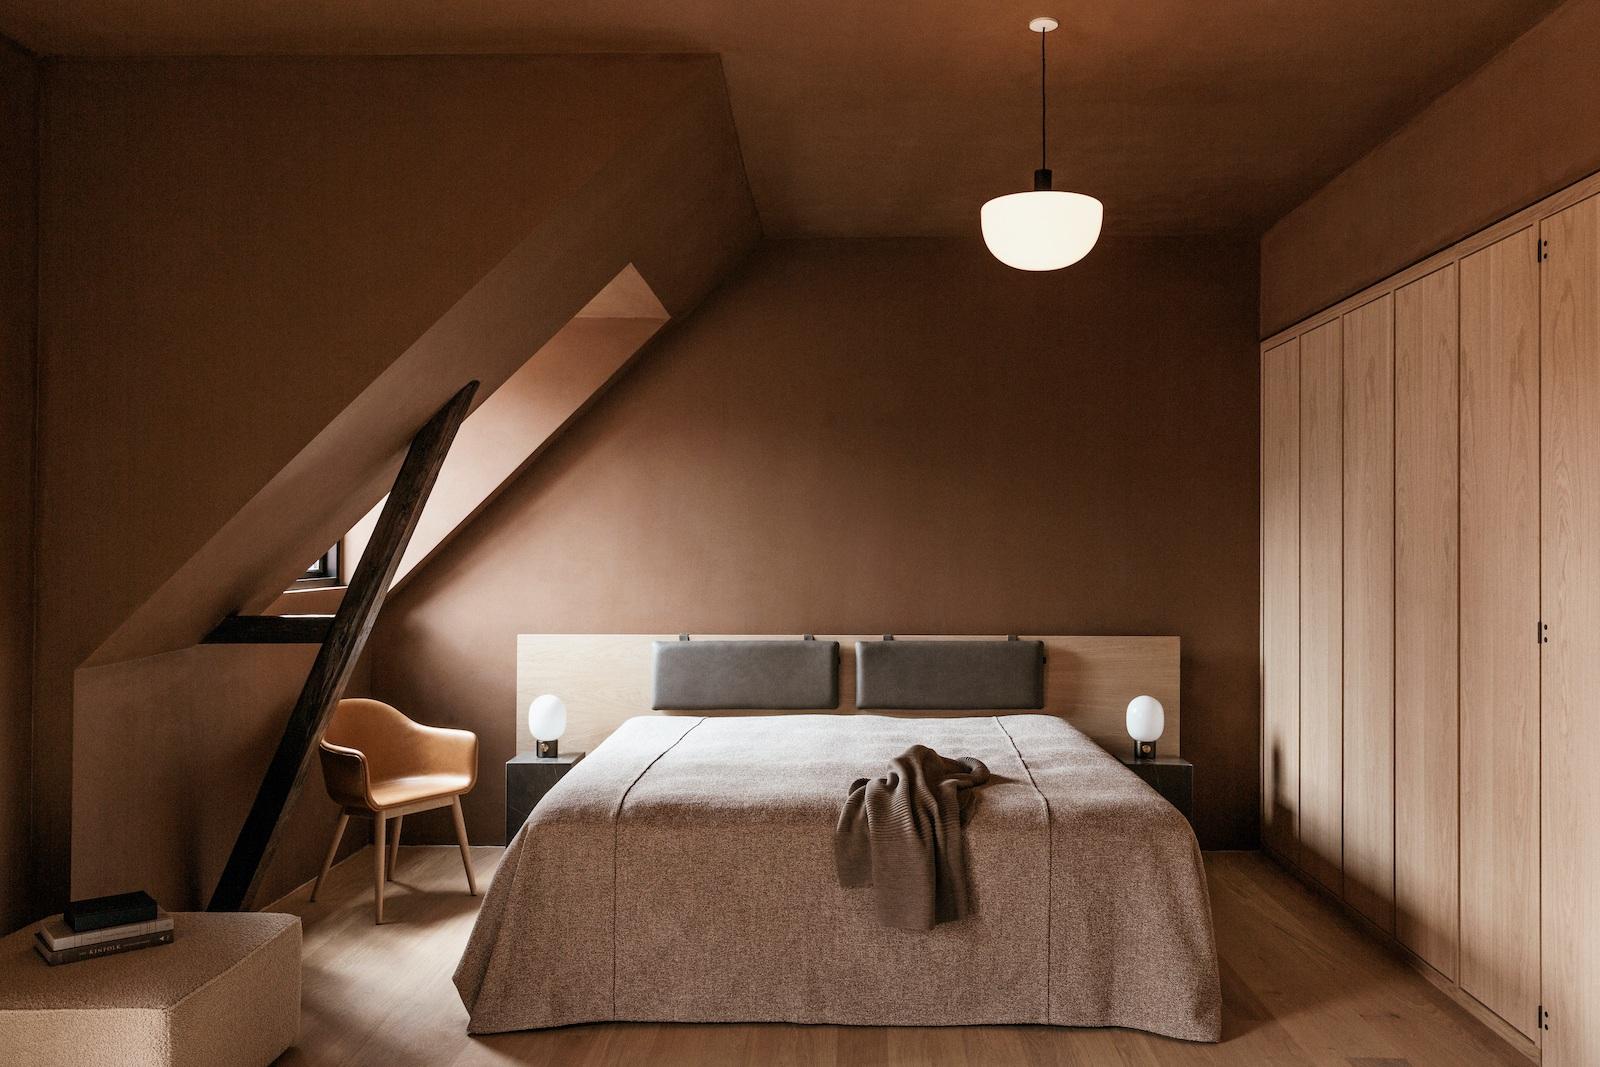 Schokoladenbraunes Interieur: Süße Verlockung in dunkler Farbe